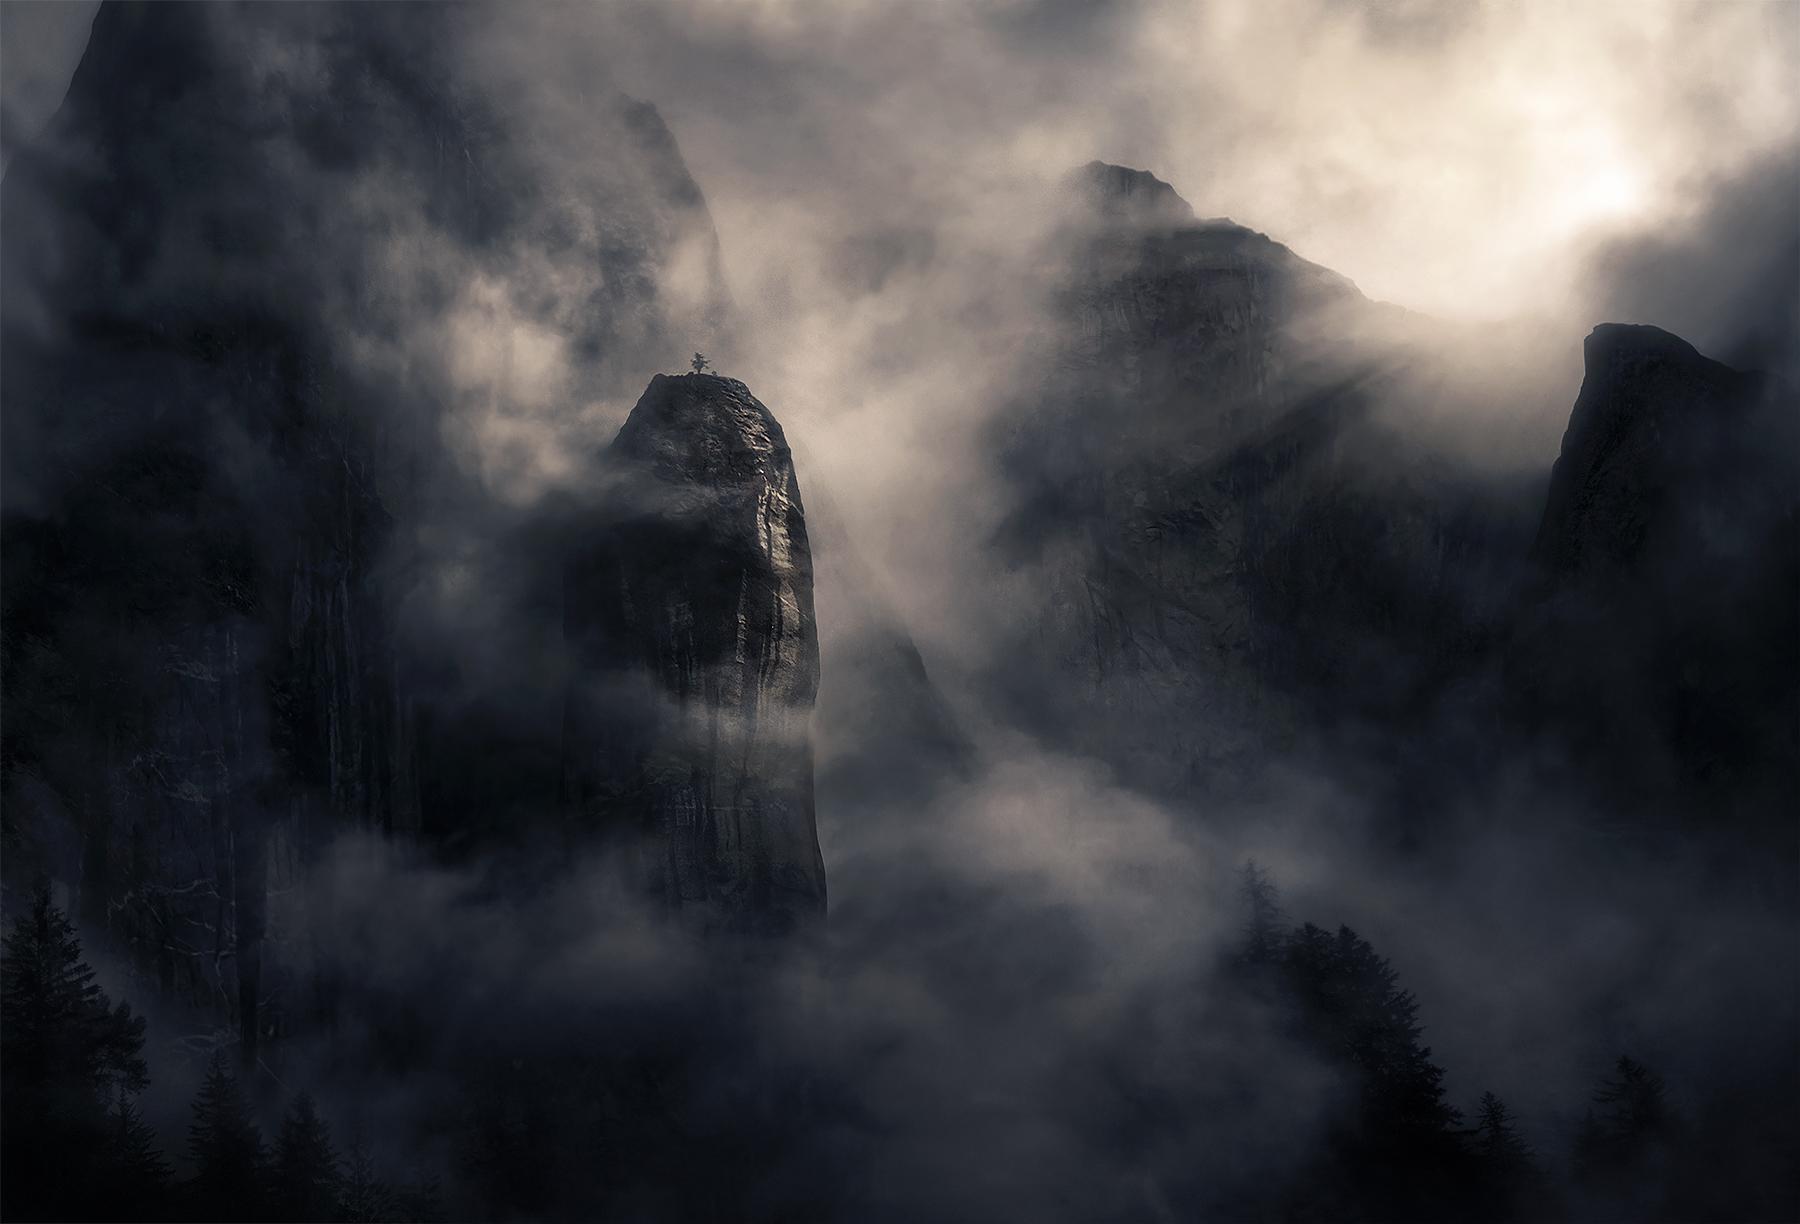 mist, fog, cliffs, peaks, Alaska, Leconte, , photo